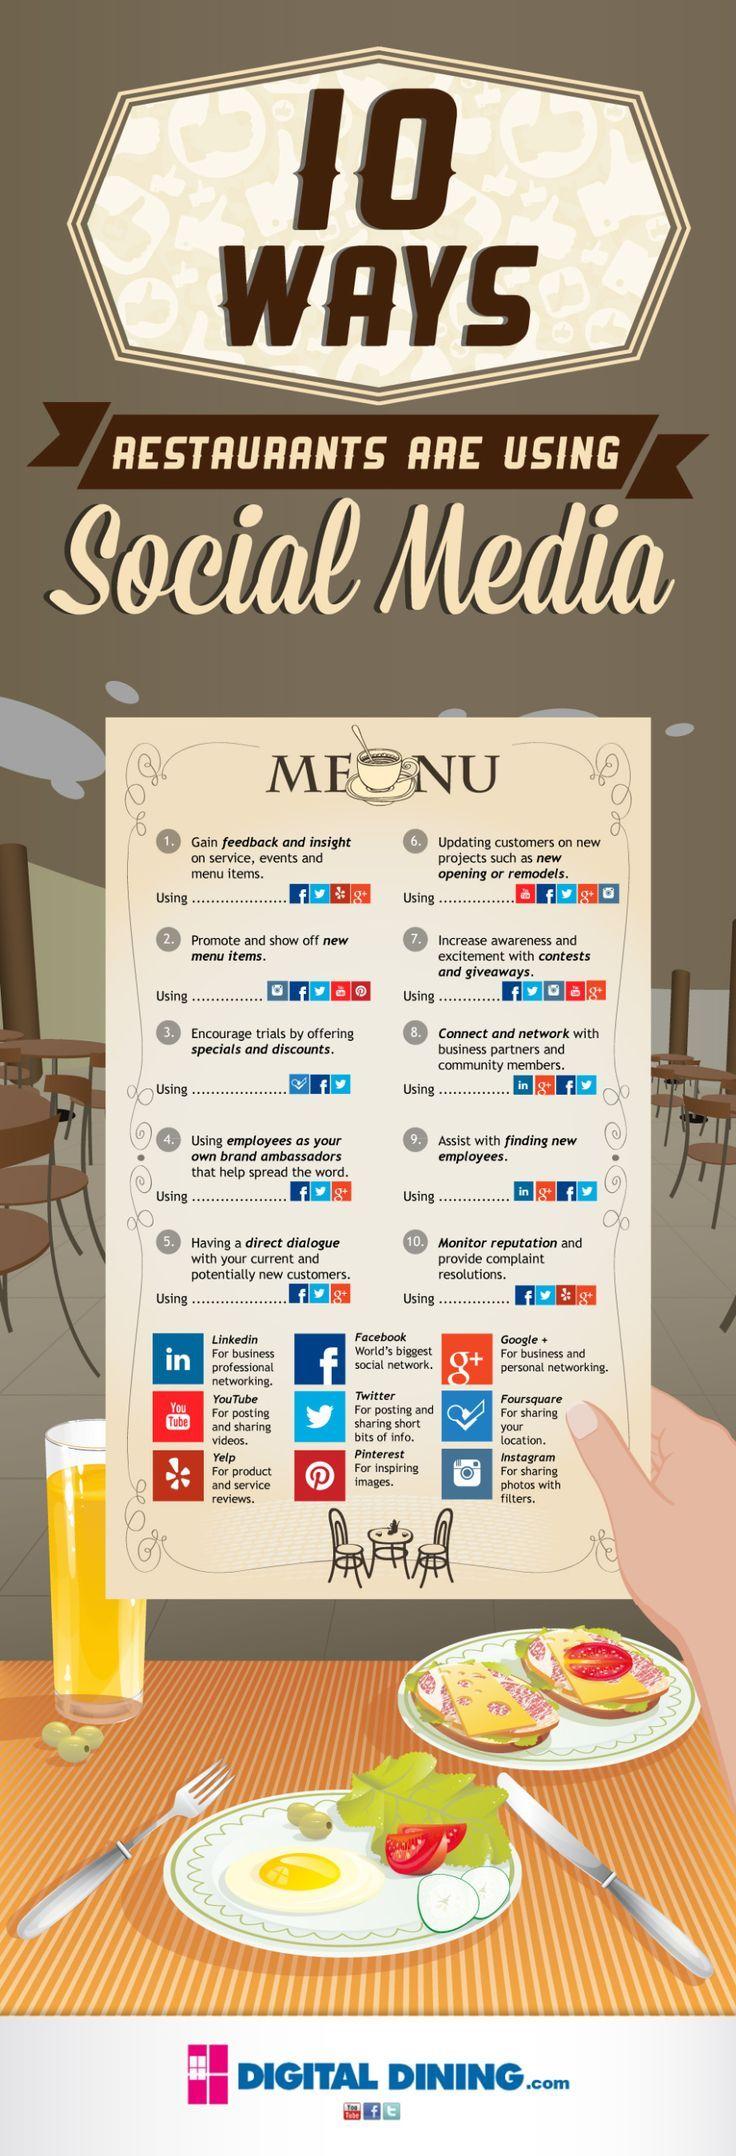 10 ways, restaurant are using #SocialMedia